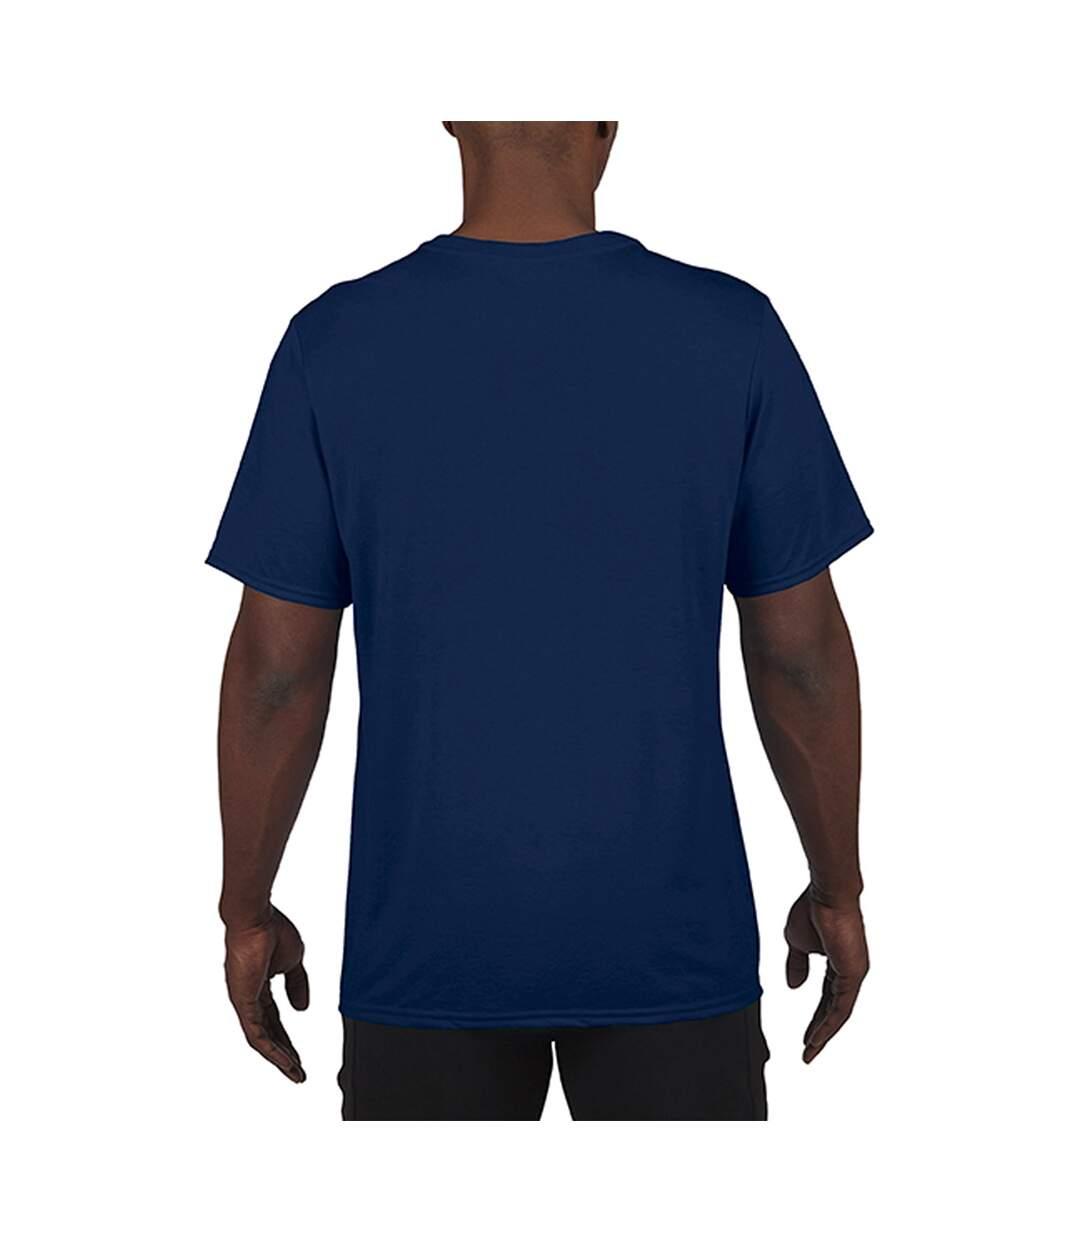 Gildan Mens Core Short Sleeve Moisture Wicking T-Shirt (Sport Dark Navy) - UTBC3715